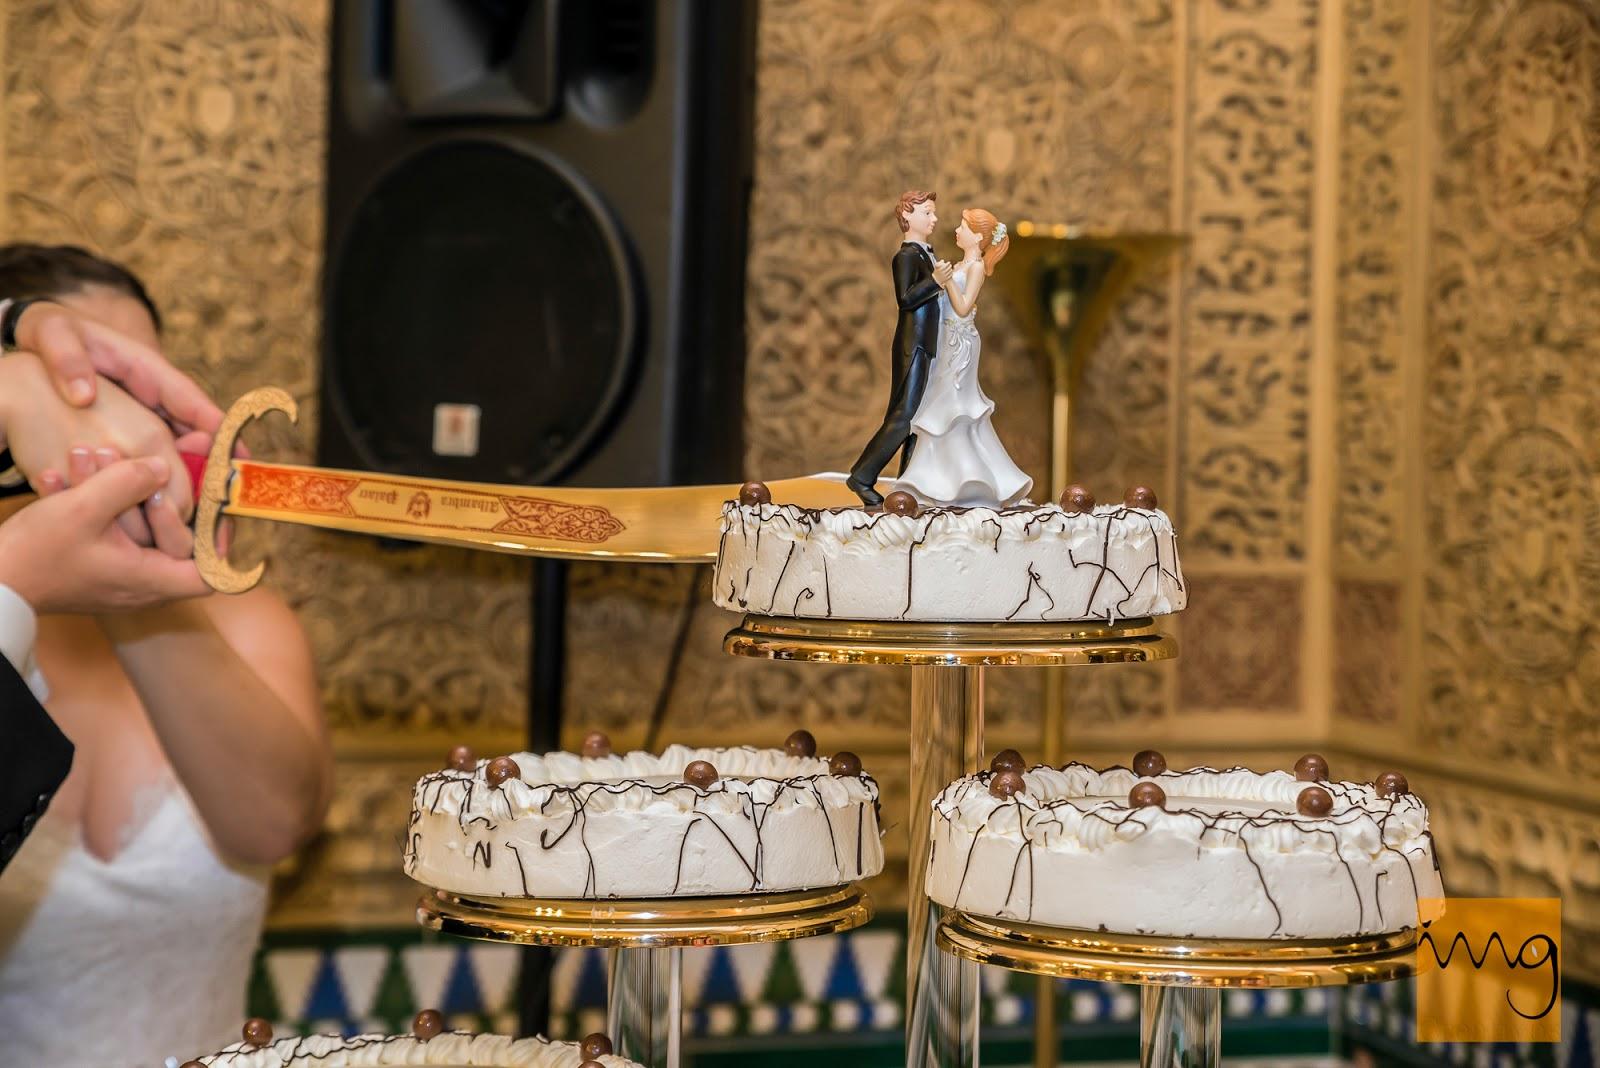 Fotografía de boda, cortando la tarta